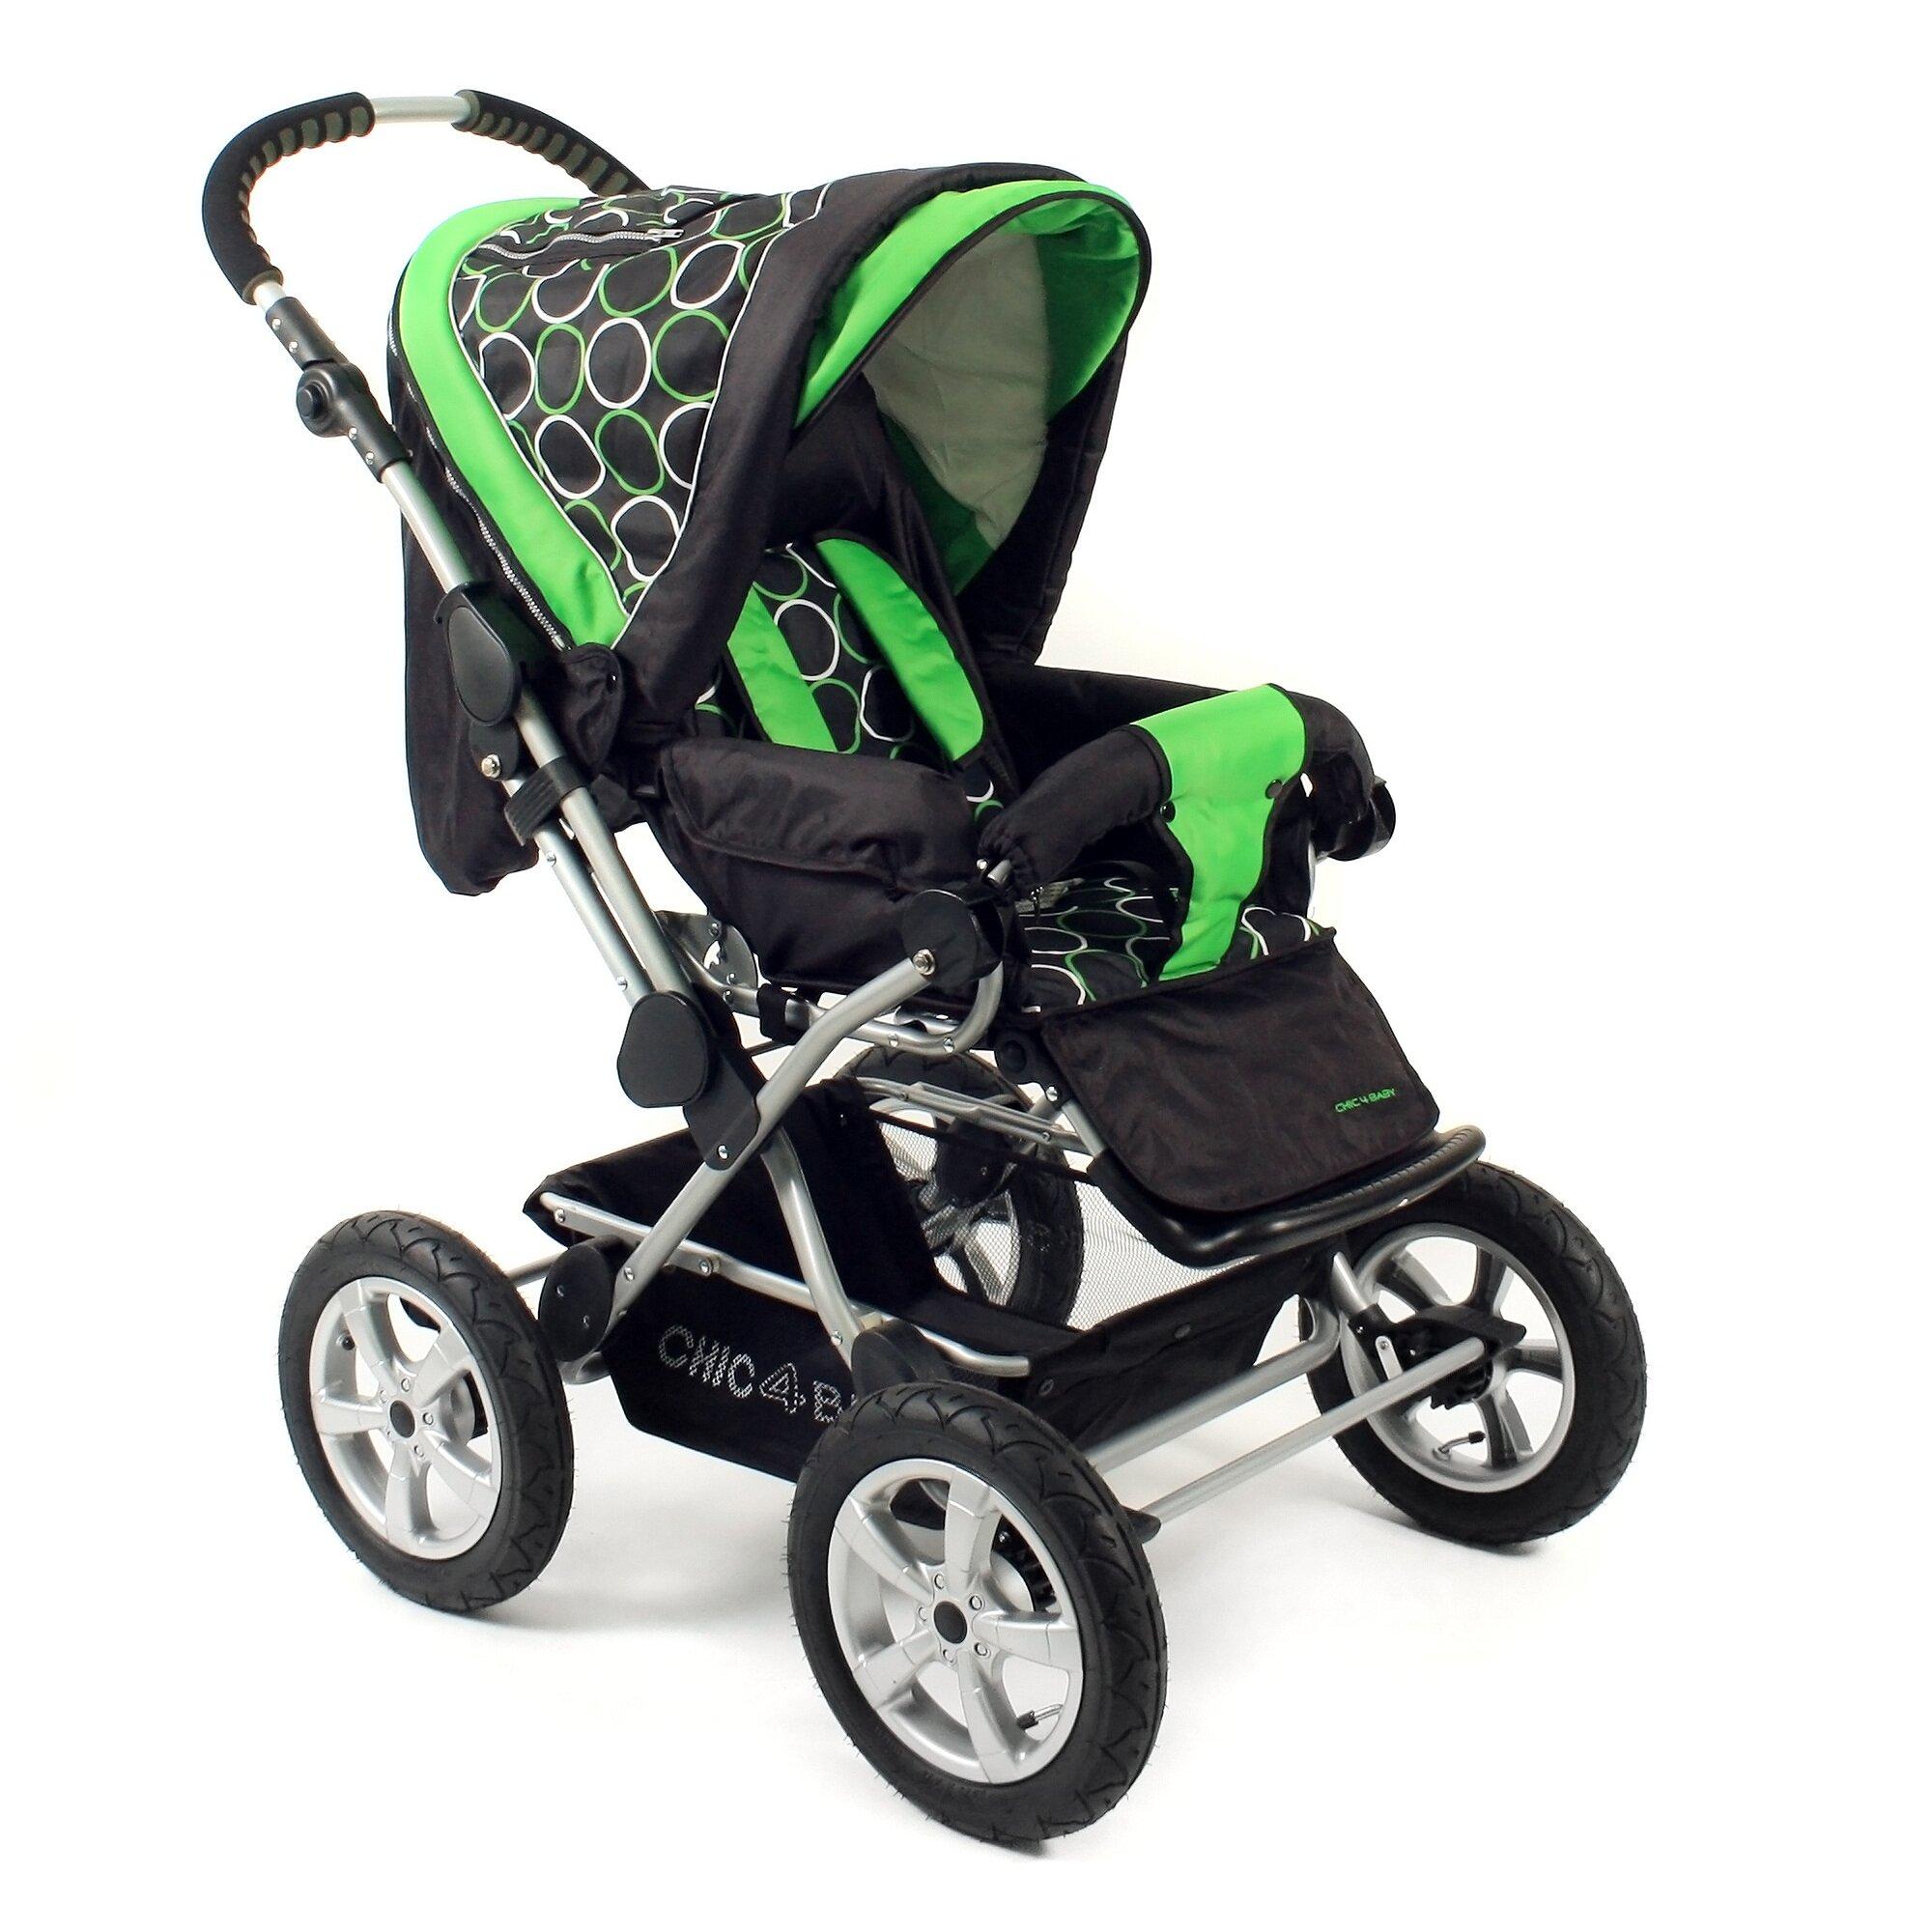 chic-4-baby-viva-kombikinderwagen-gruen